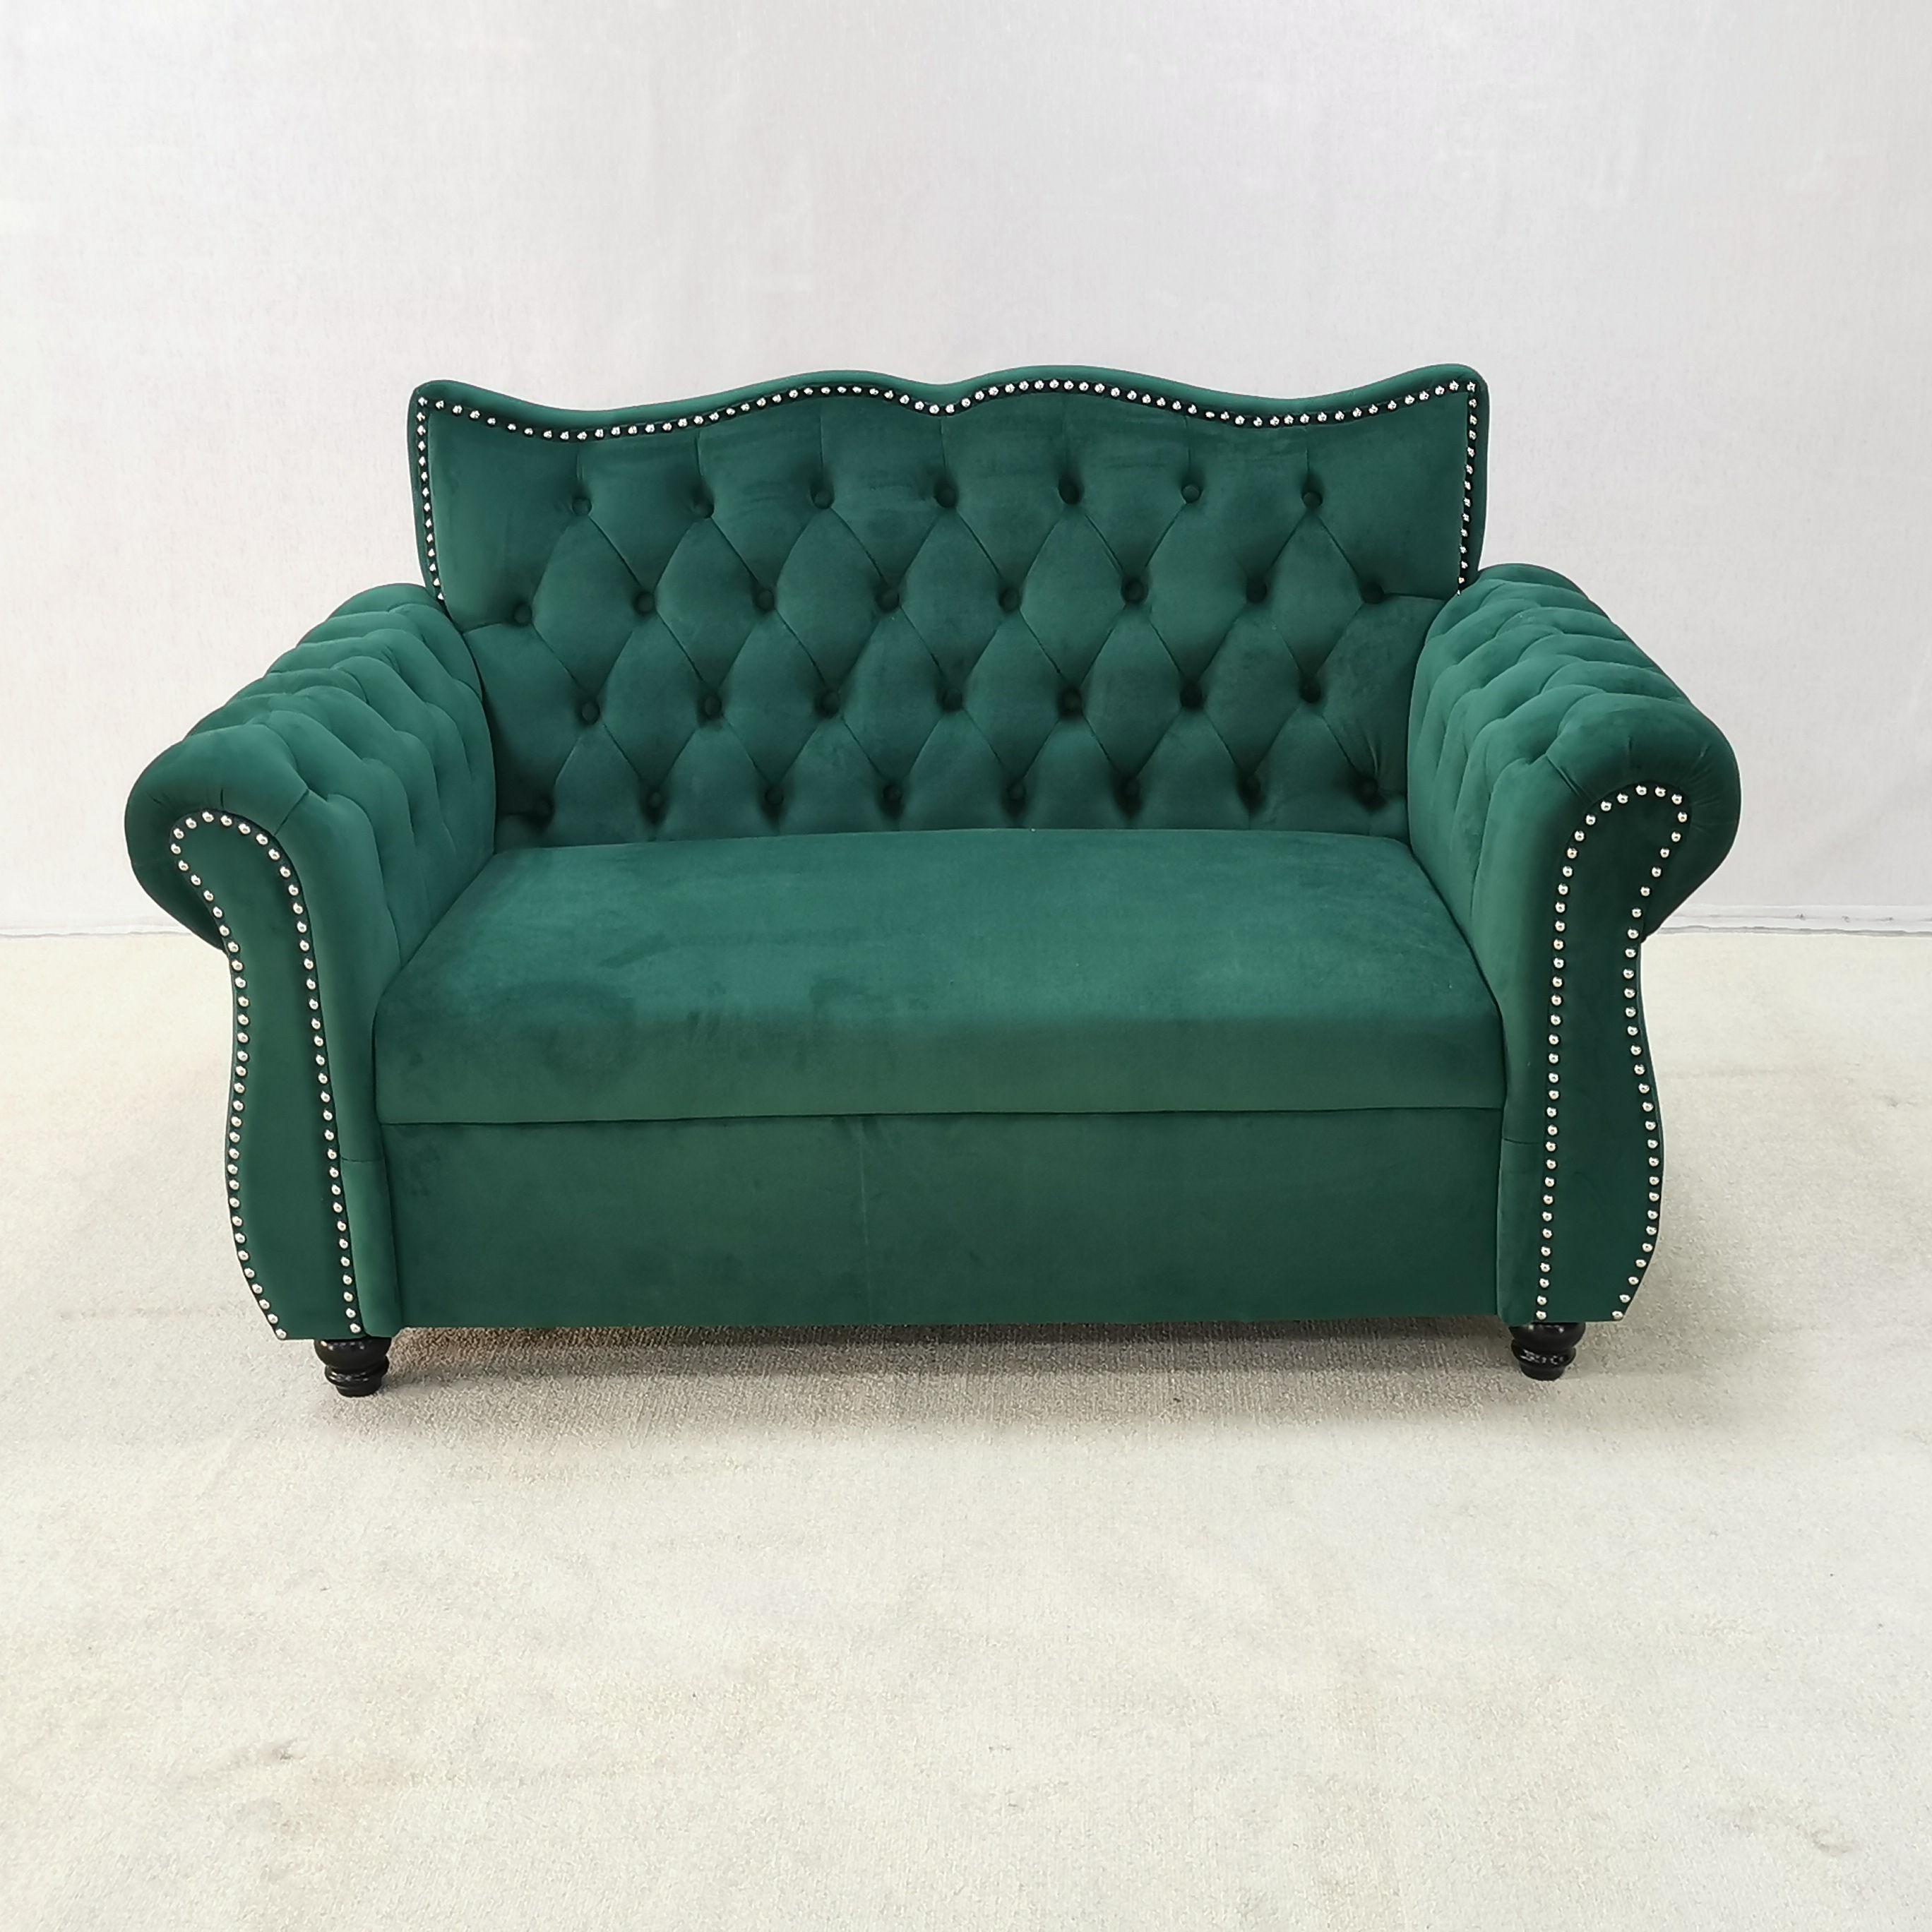 Foshan móveis Xin yu Veludo Adornado Chesterfield Sofá da Sala de estar de Luxo Verde